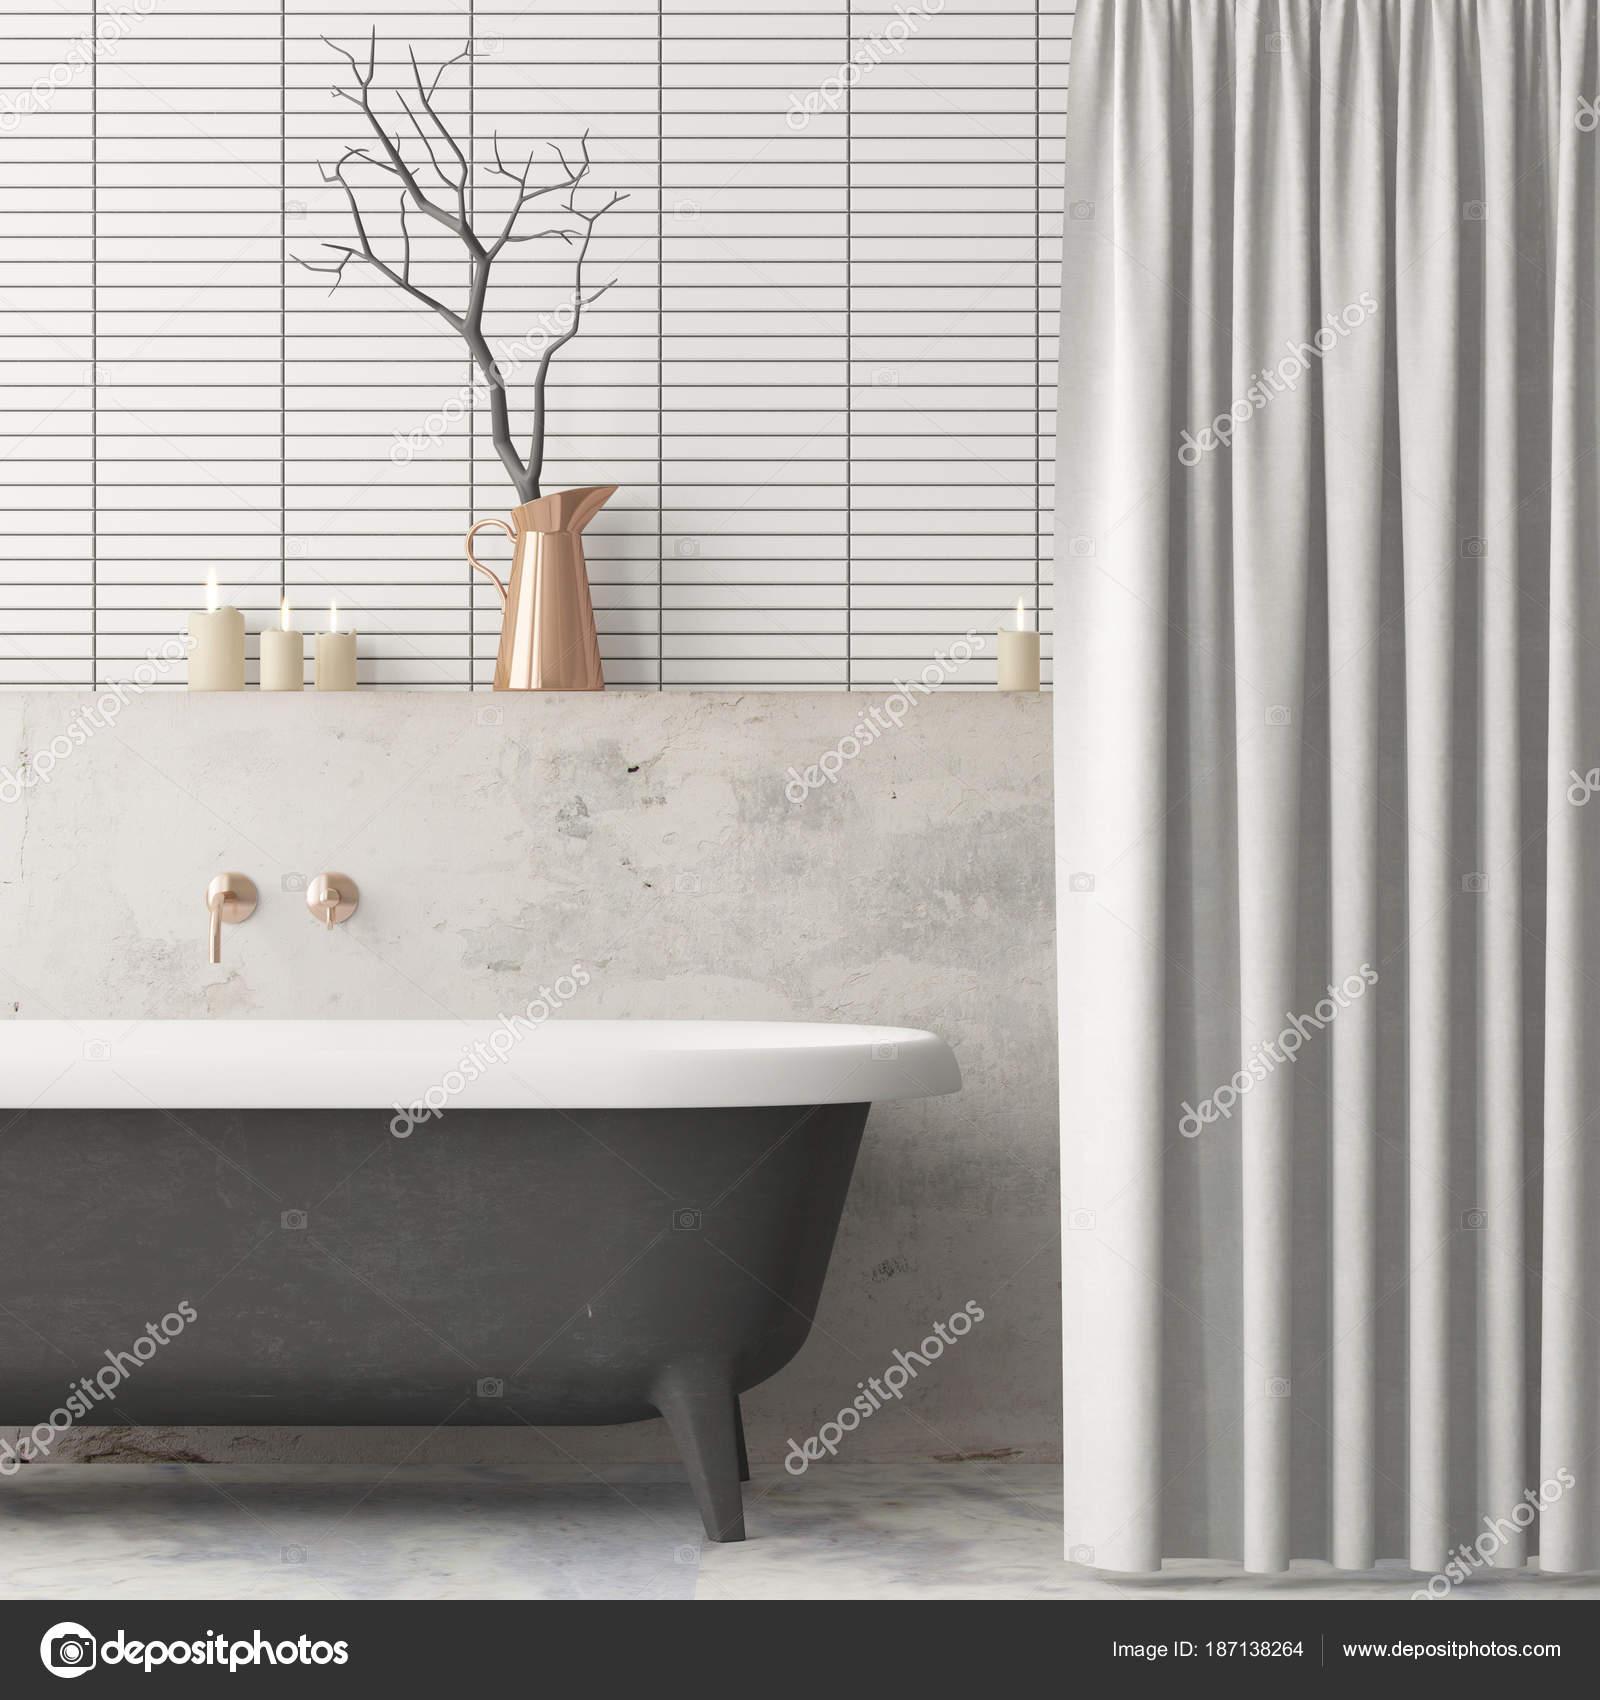 Electricite Salle De Bain Securite ~ maquette affiche dans salle bain dans style vintage couleur tendance